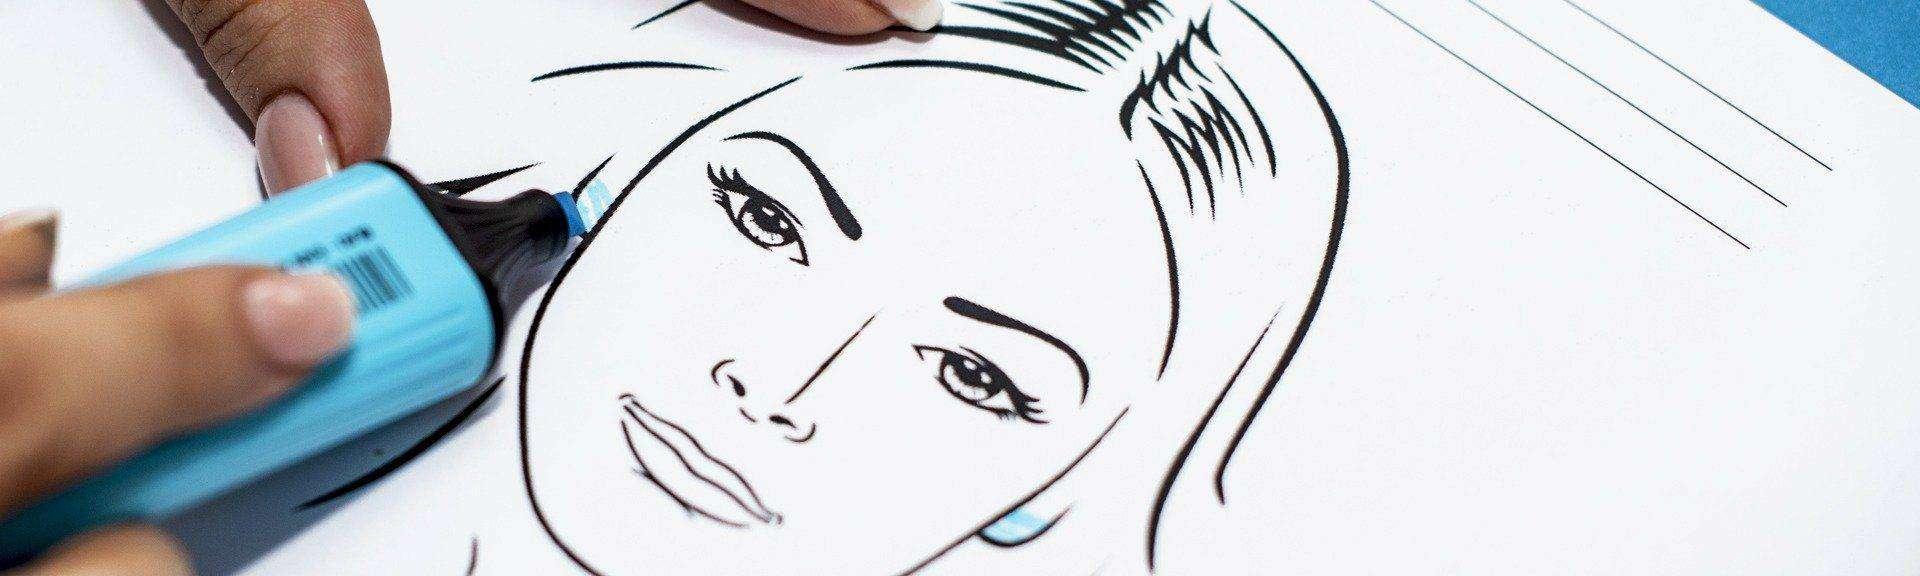 Behandelingen - gezicht - oorlelcorrectie